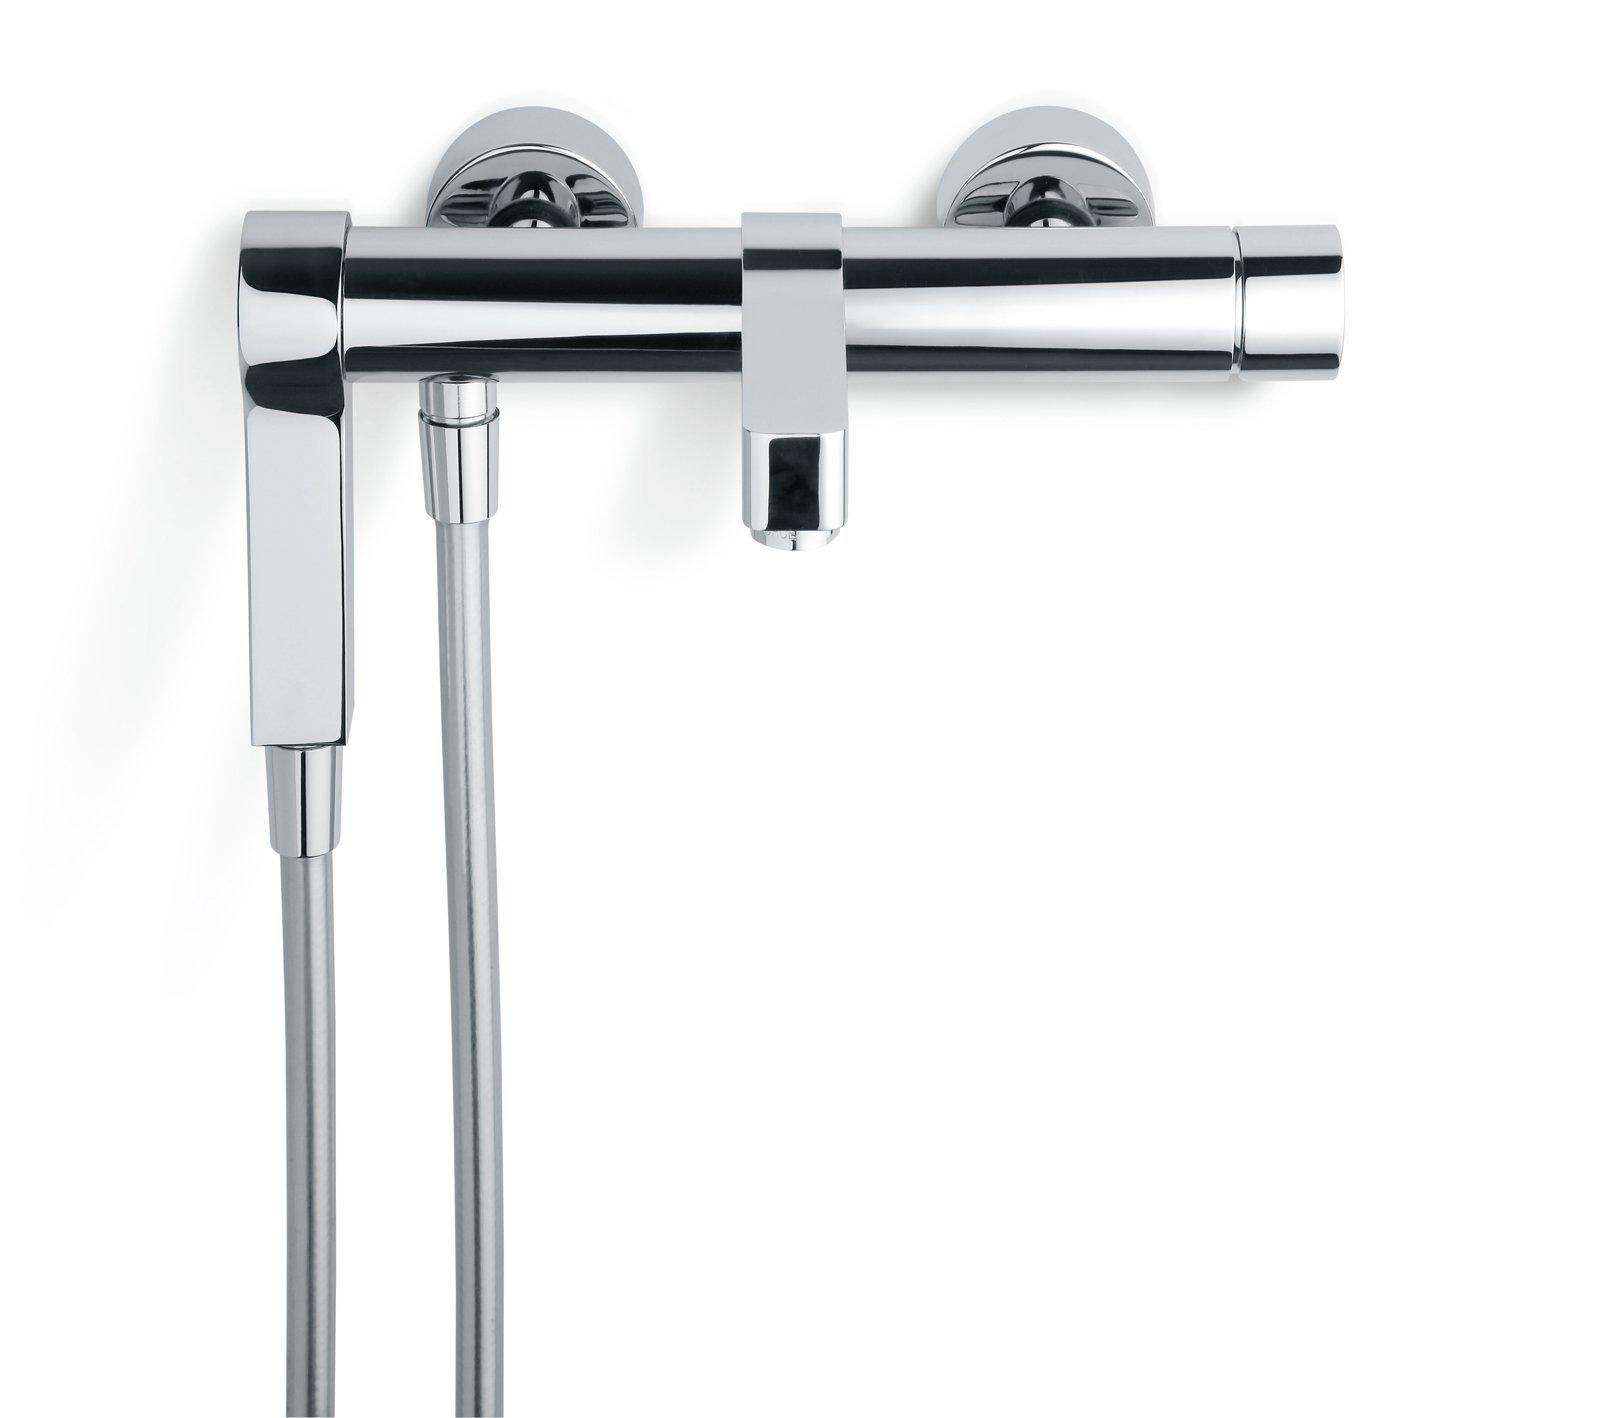 La vasca per valorizzare il bagno cose di casa - Rubinetti bagno mamoli ...